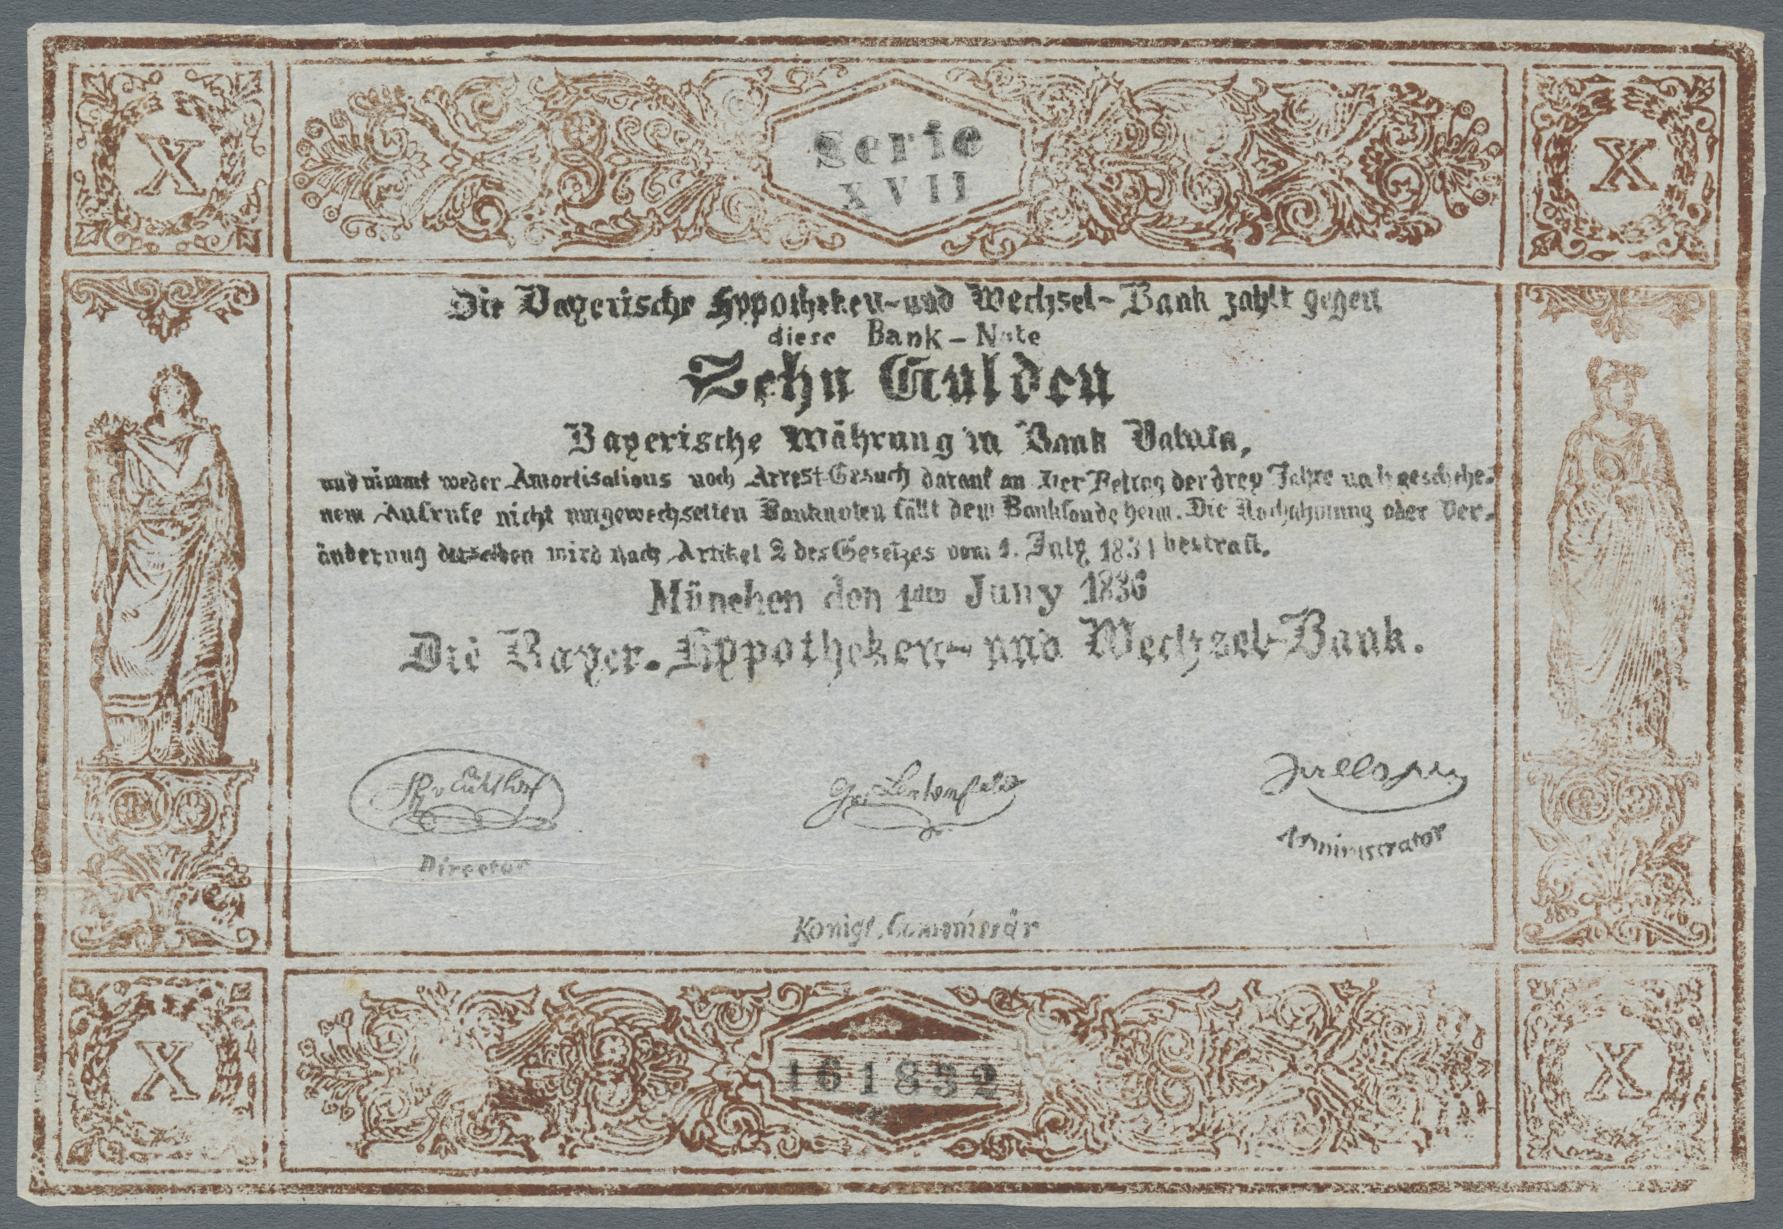 Lot 03300 - Deutschland - Altdeutsche Staaten | Banknoten  -  Auktionshaus Christoph Gärtner GmbH & Co. KG Sale #45 Banknotes Germany/Numismatics